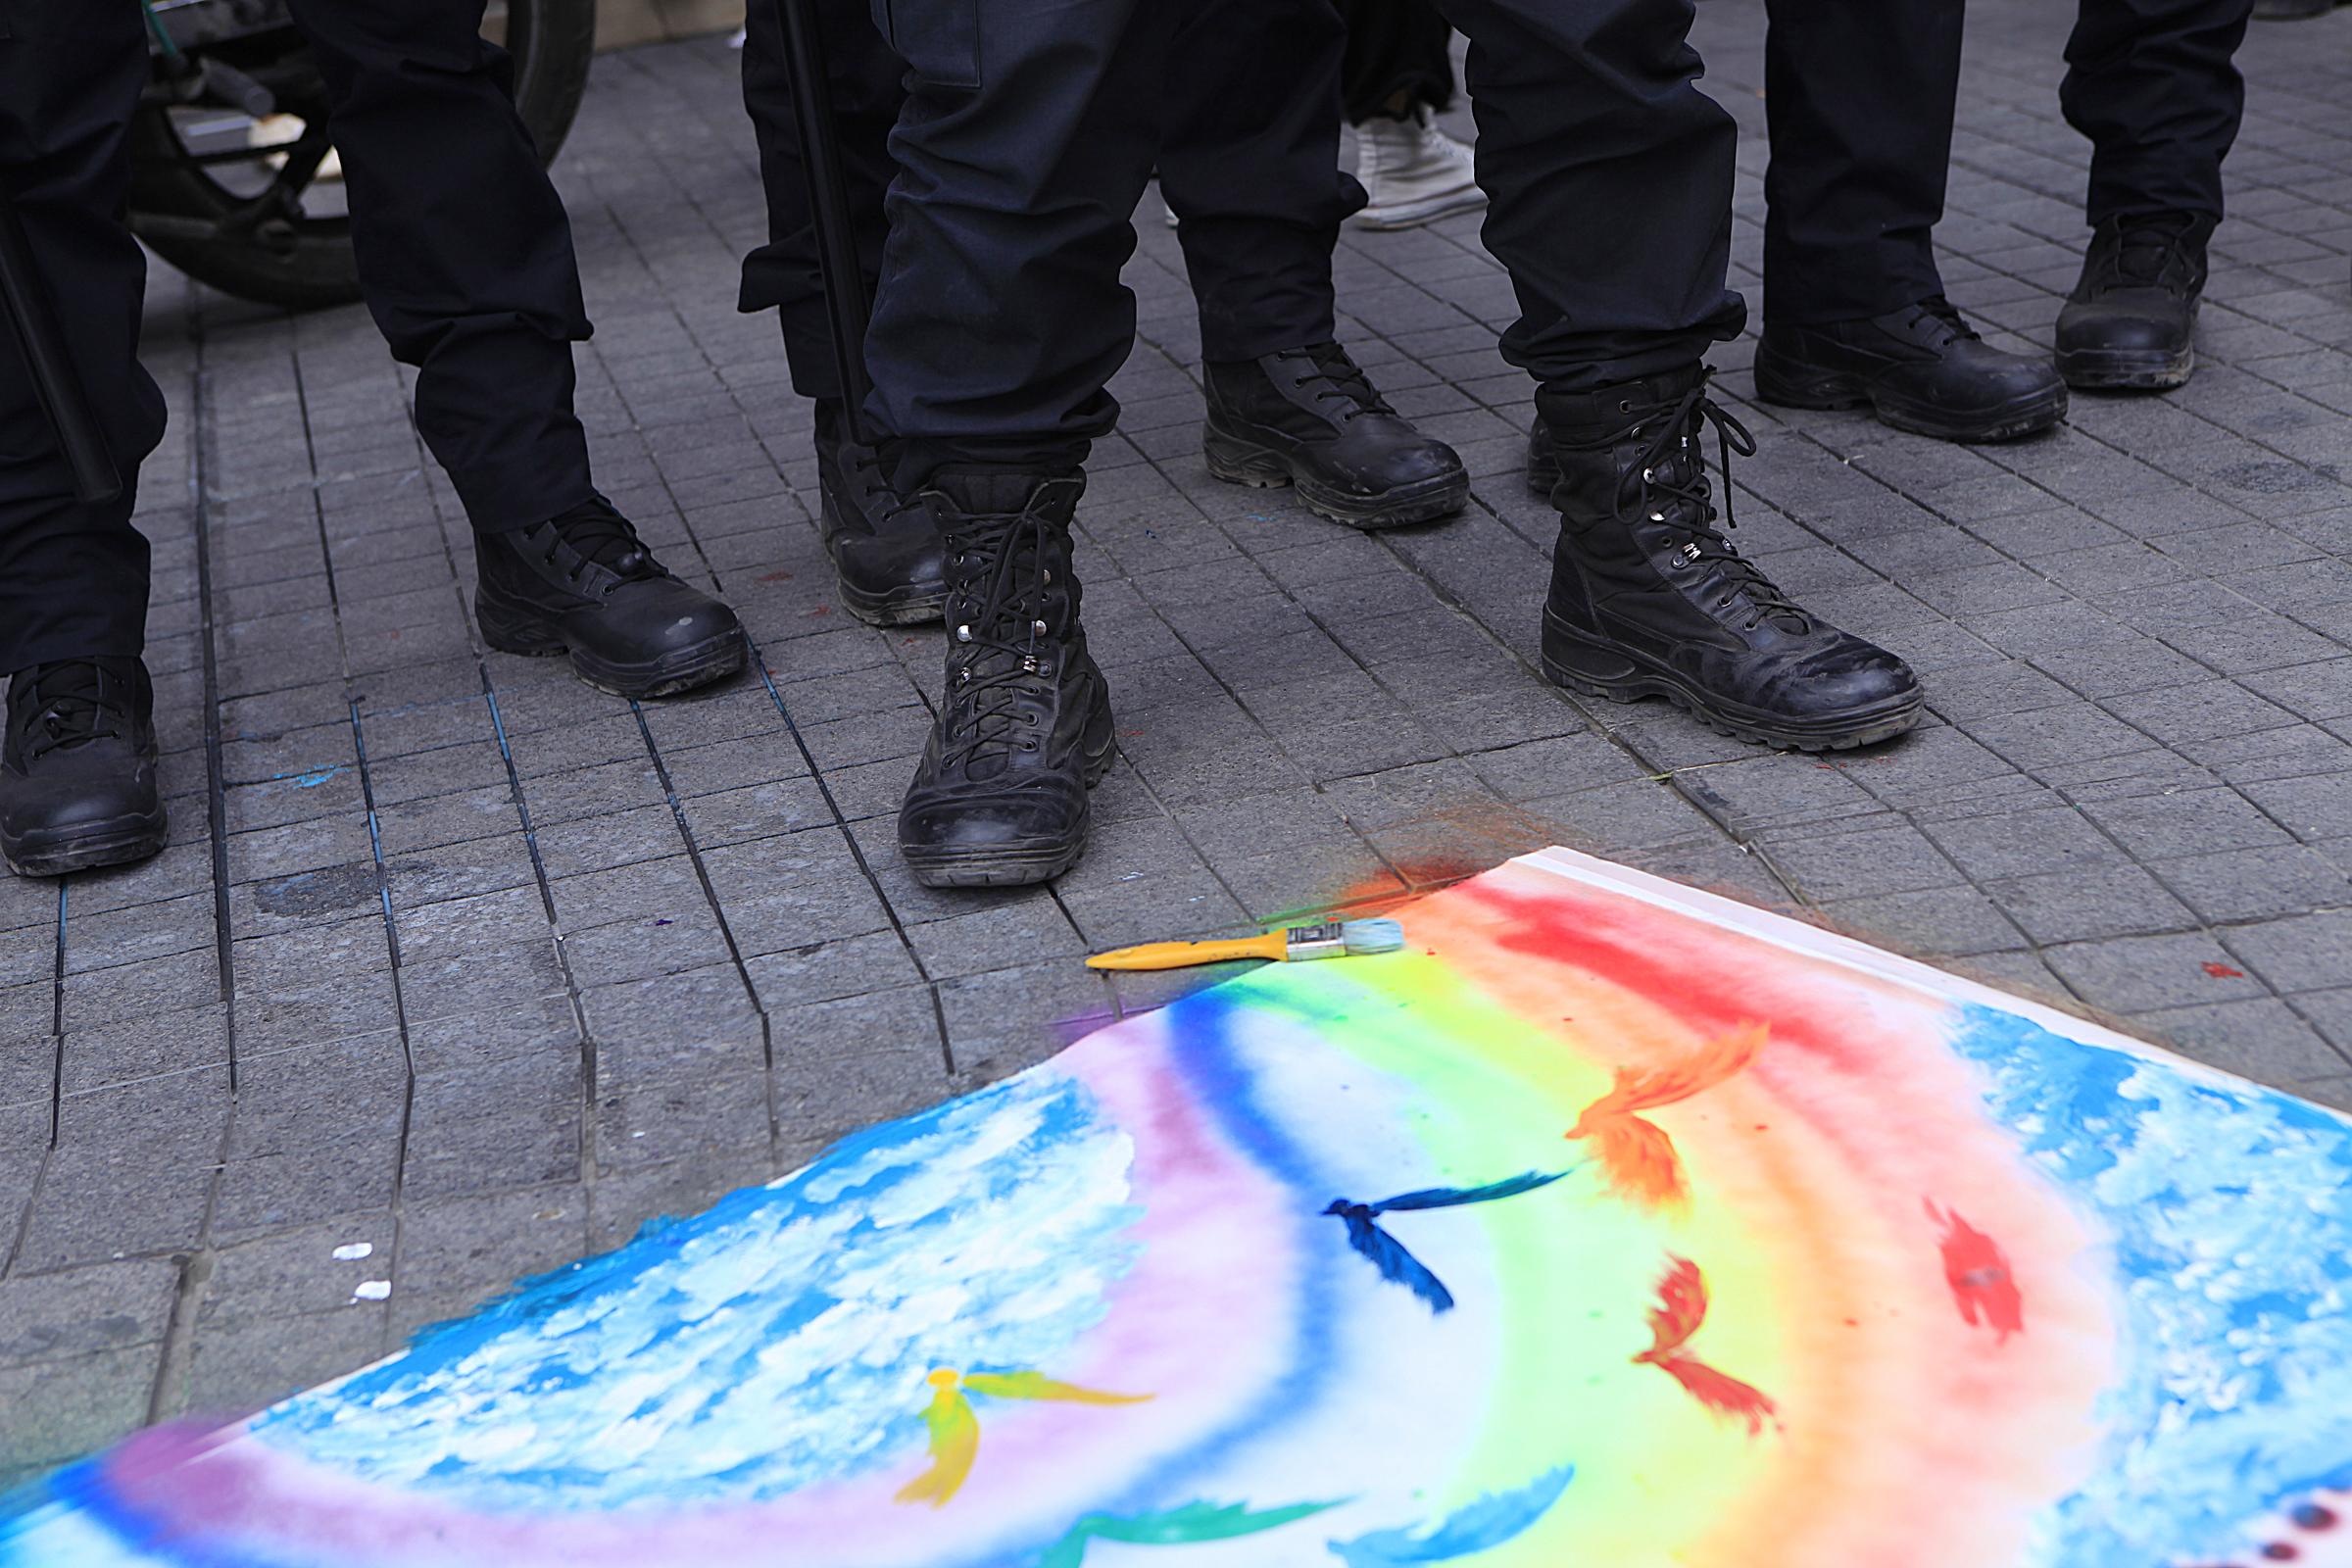 Pala_Cafer_Photo 1_İşgal Altında_1